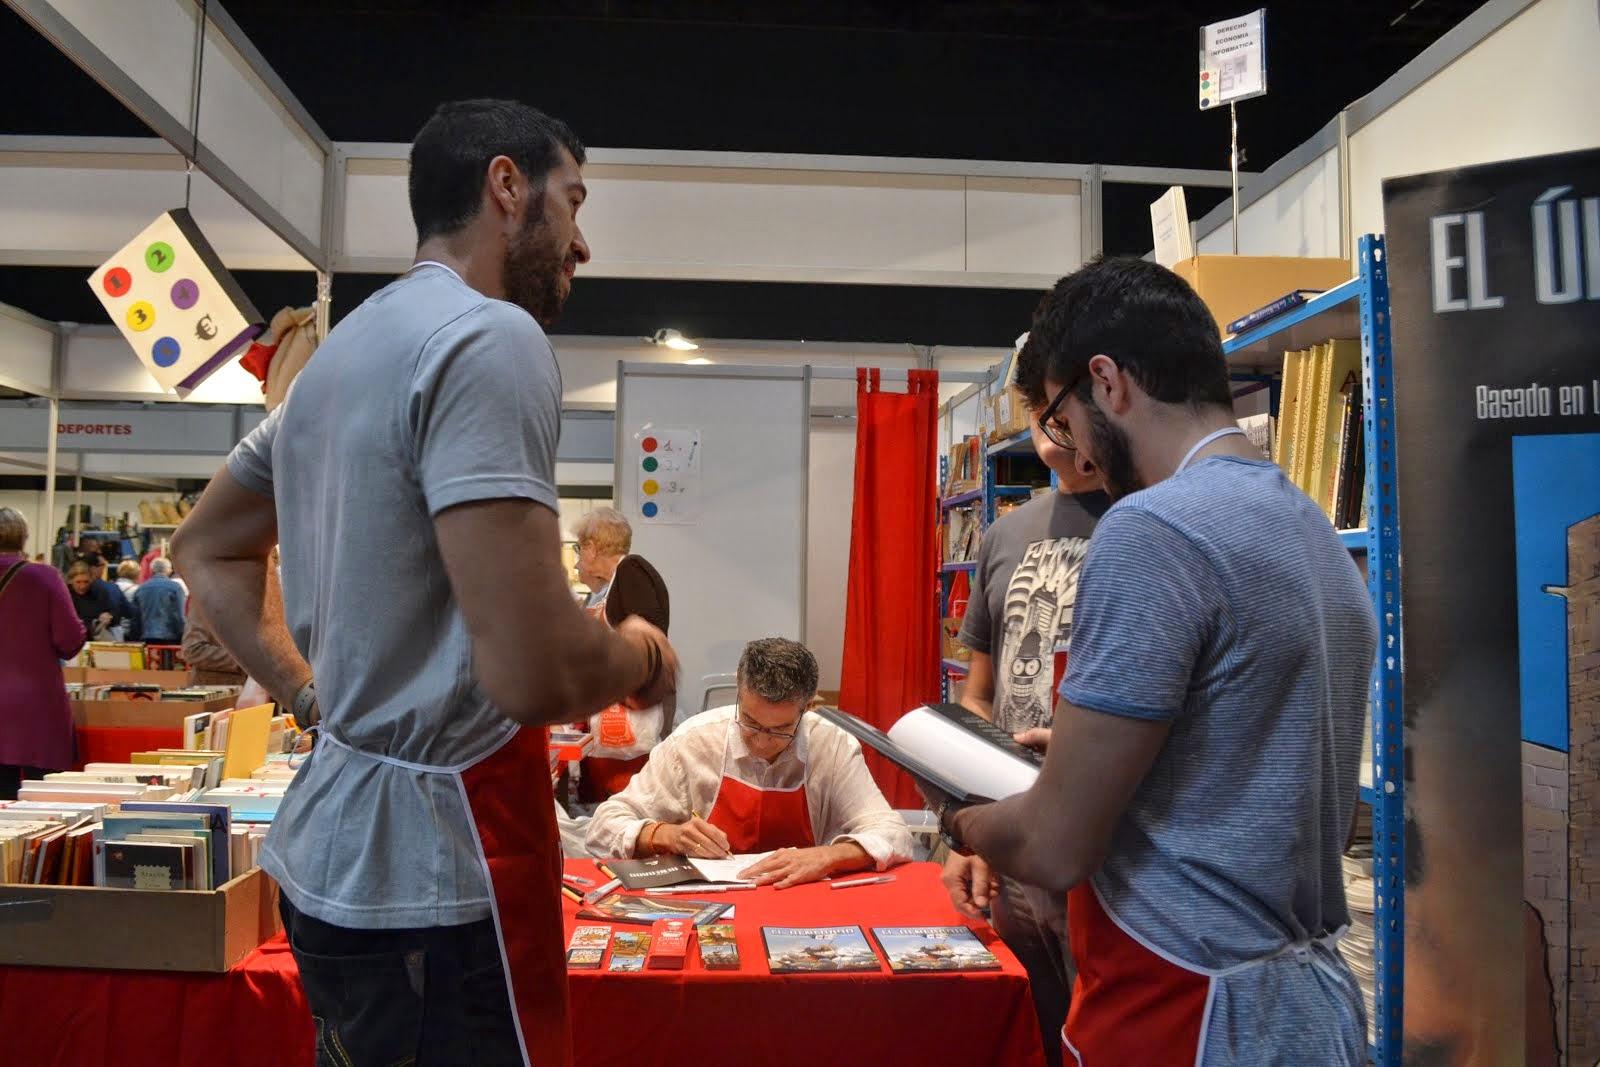 Reportaje de Aragón en Abierto